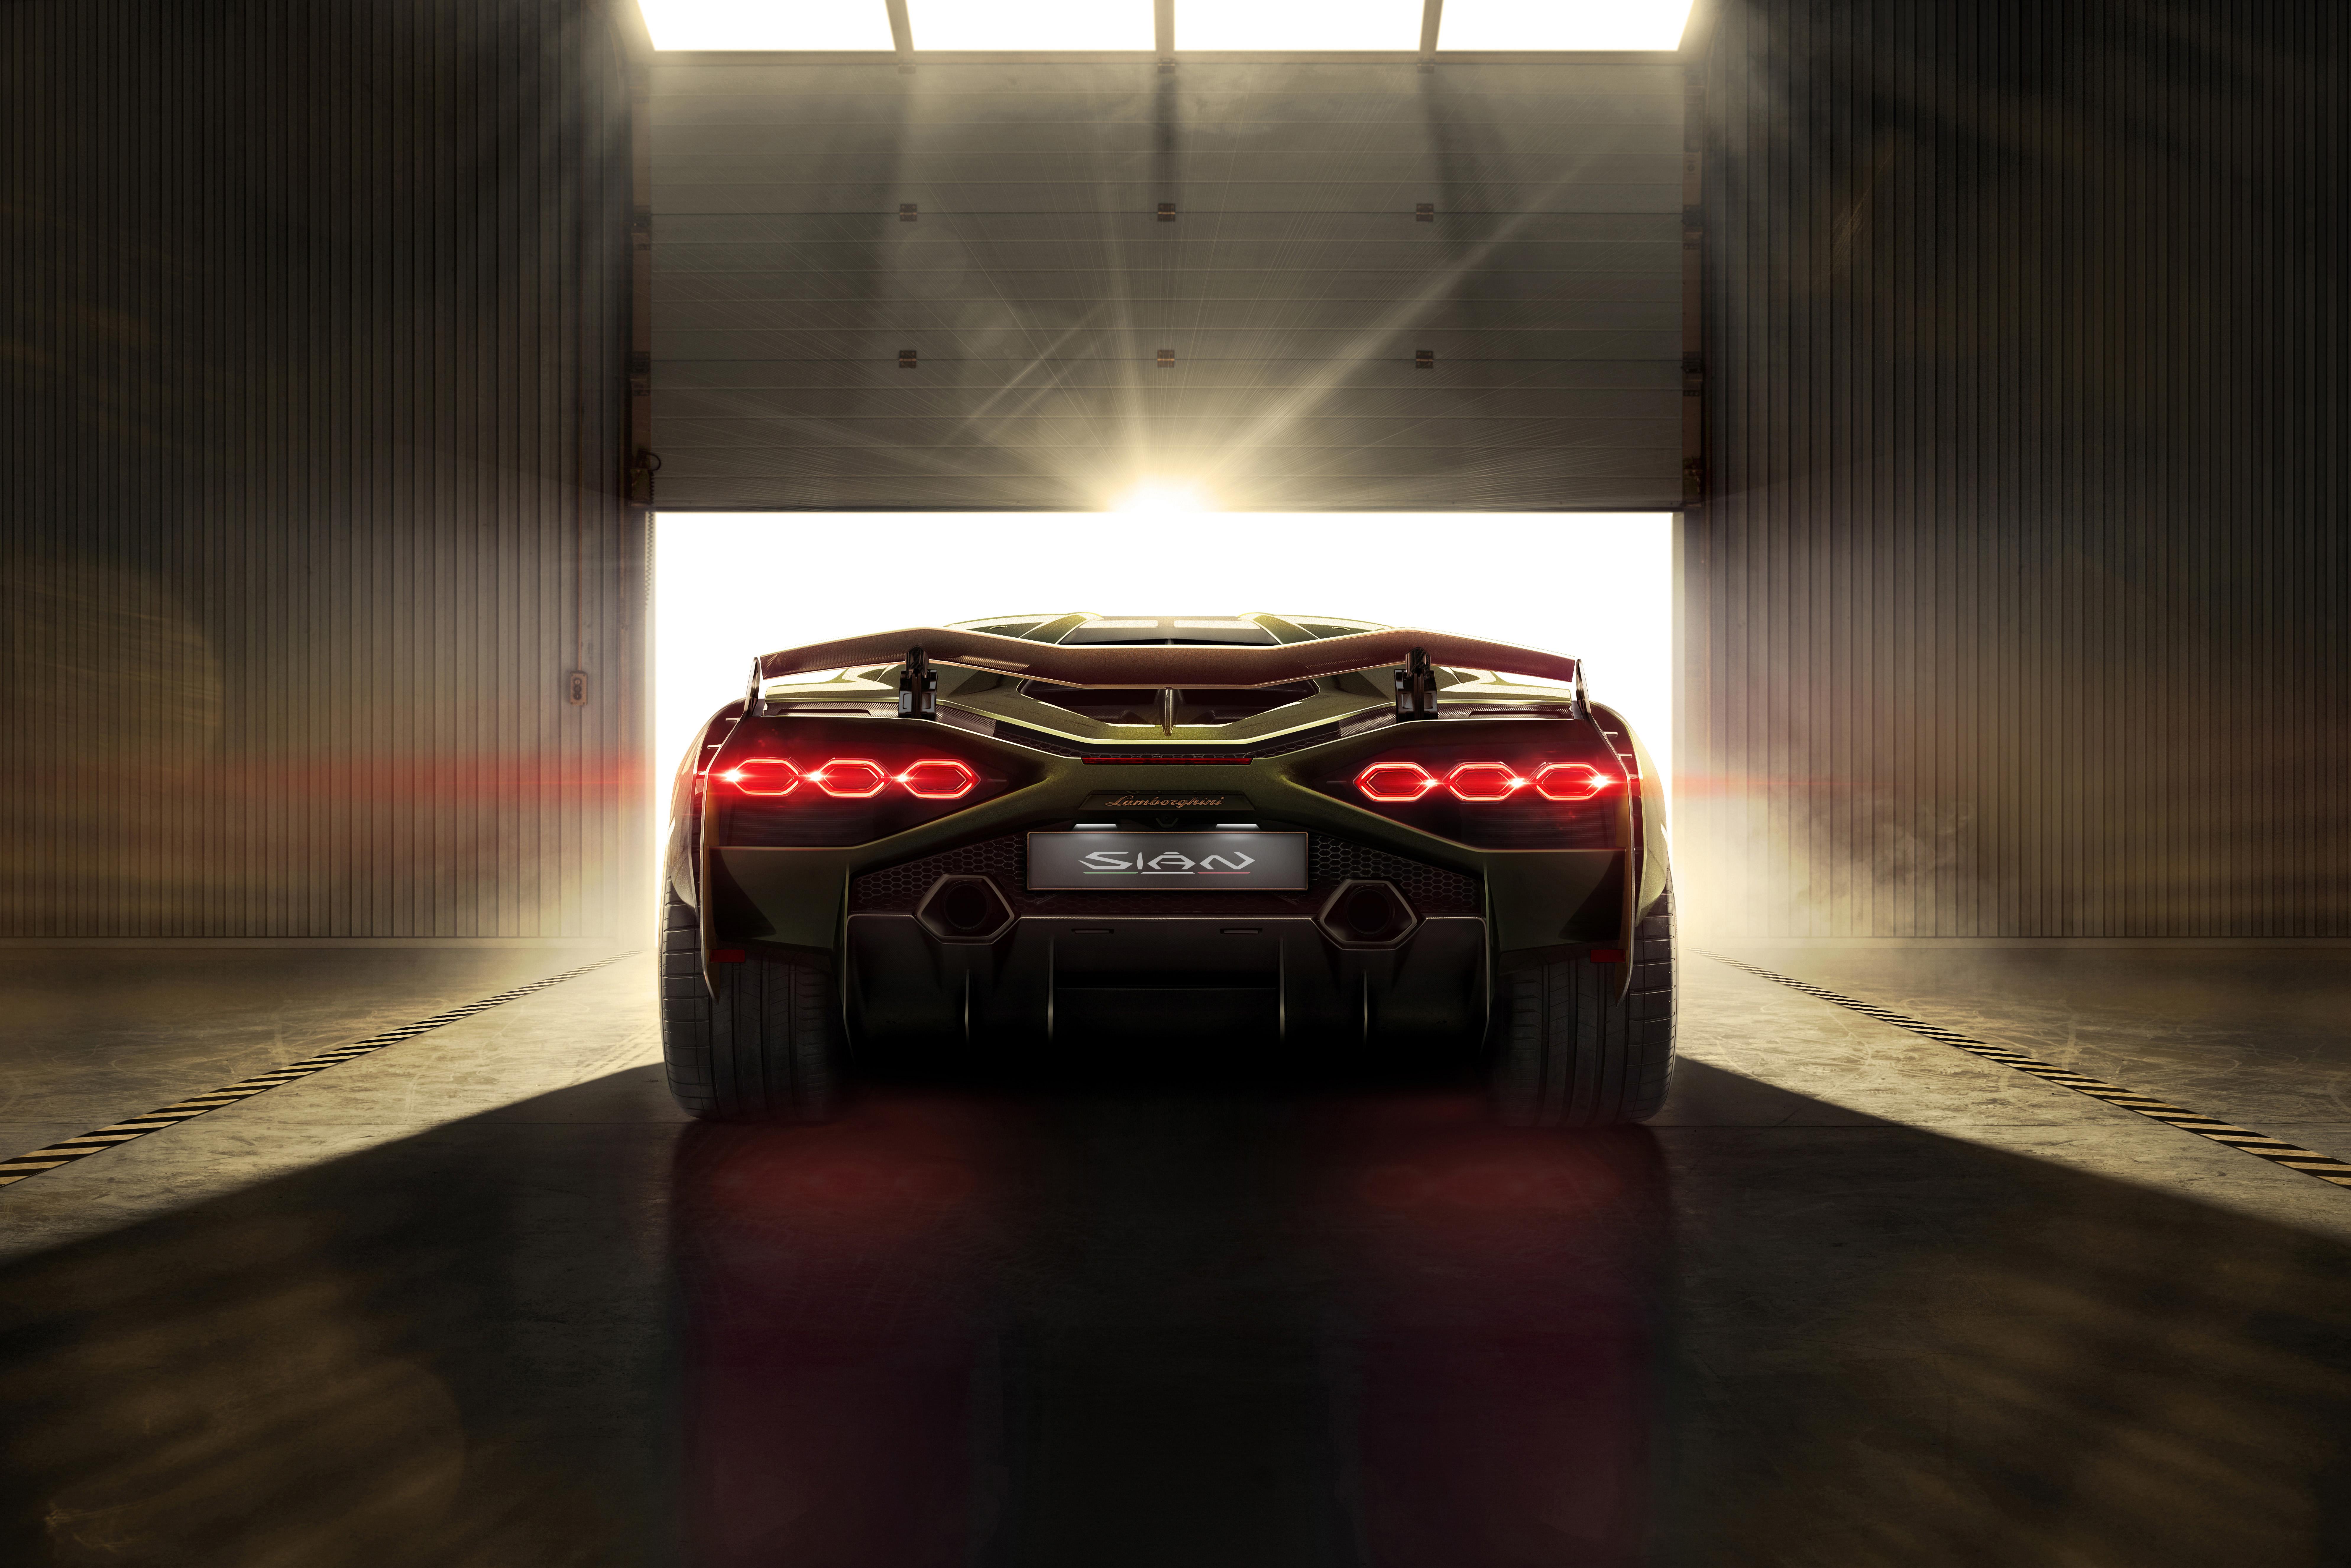 lamborghini sian 4k 1618920700 - Lamborghini Sian 4k - Lamborghini Sian 4k wallpapers